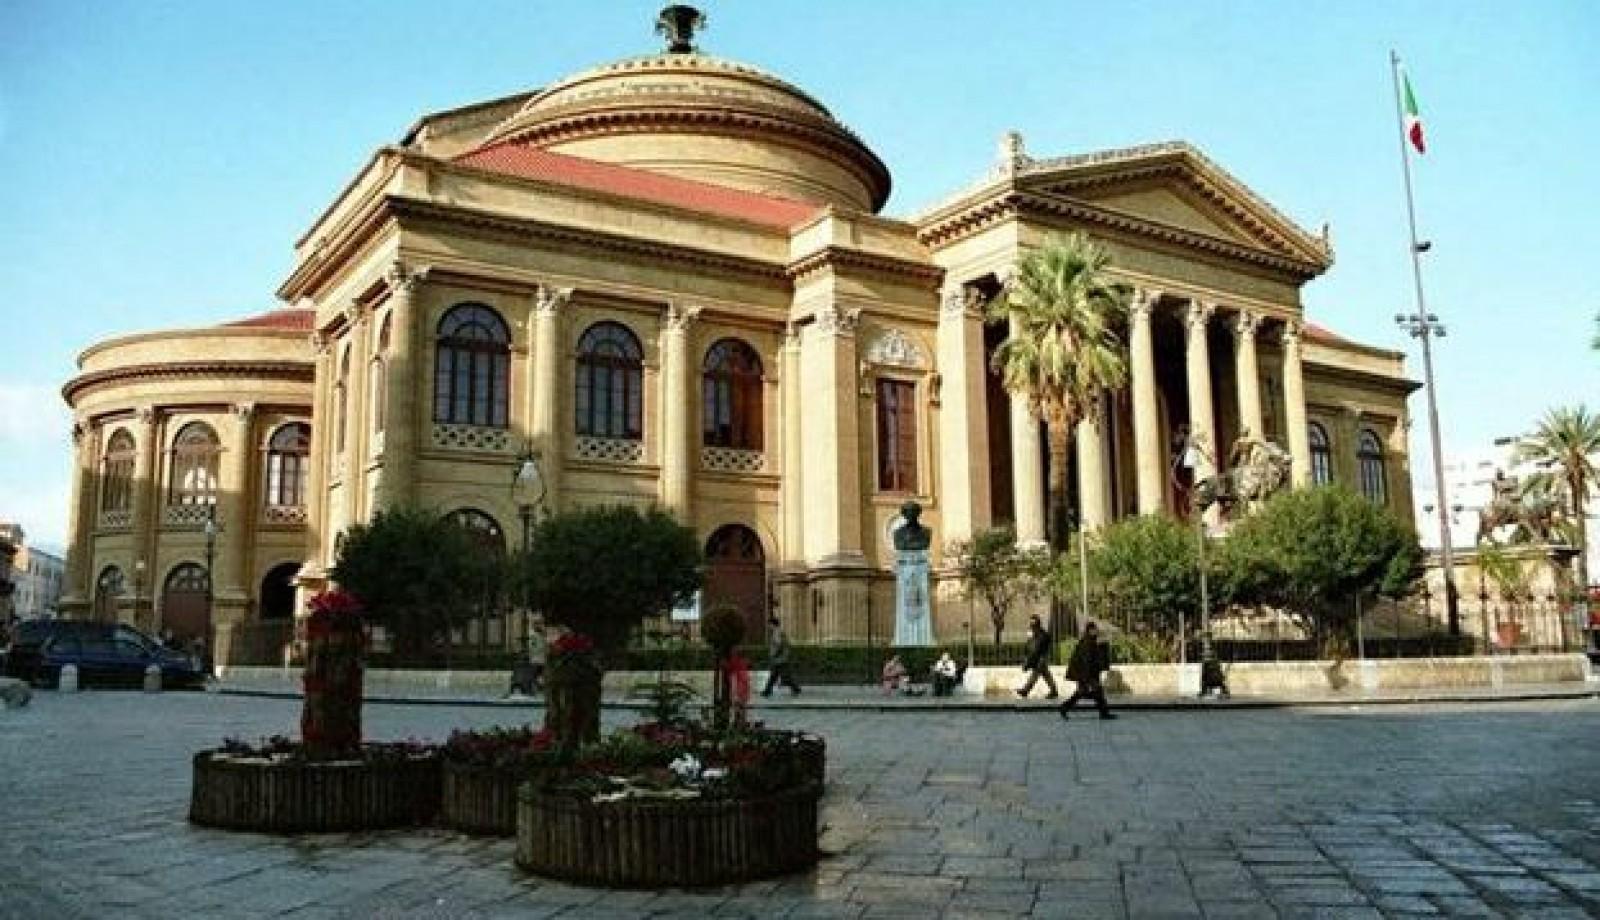 Itinerari di Sicilia: cosa fare a Palermo, Monreale e Cefalù